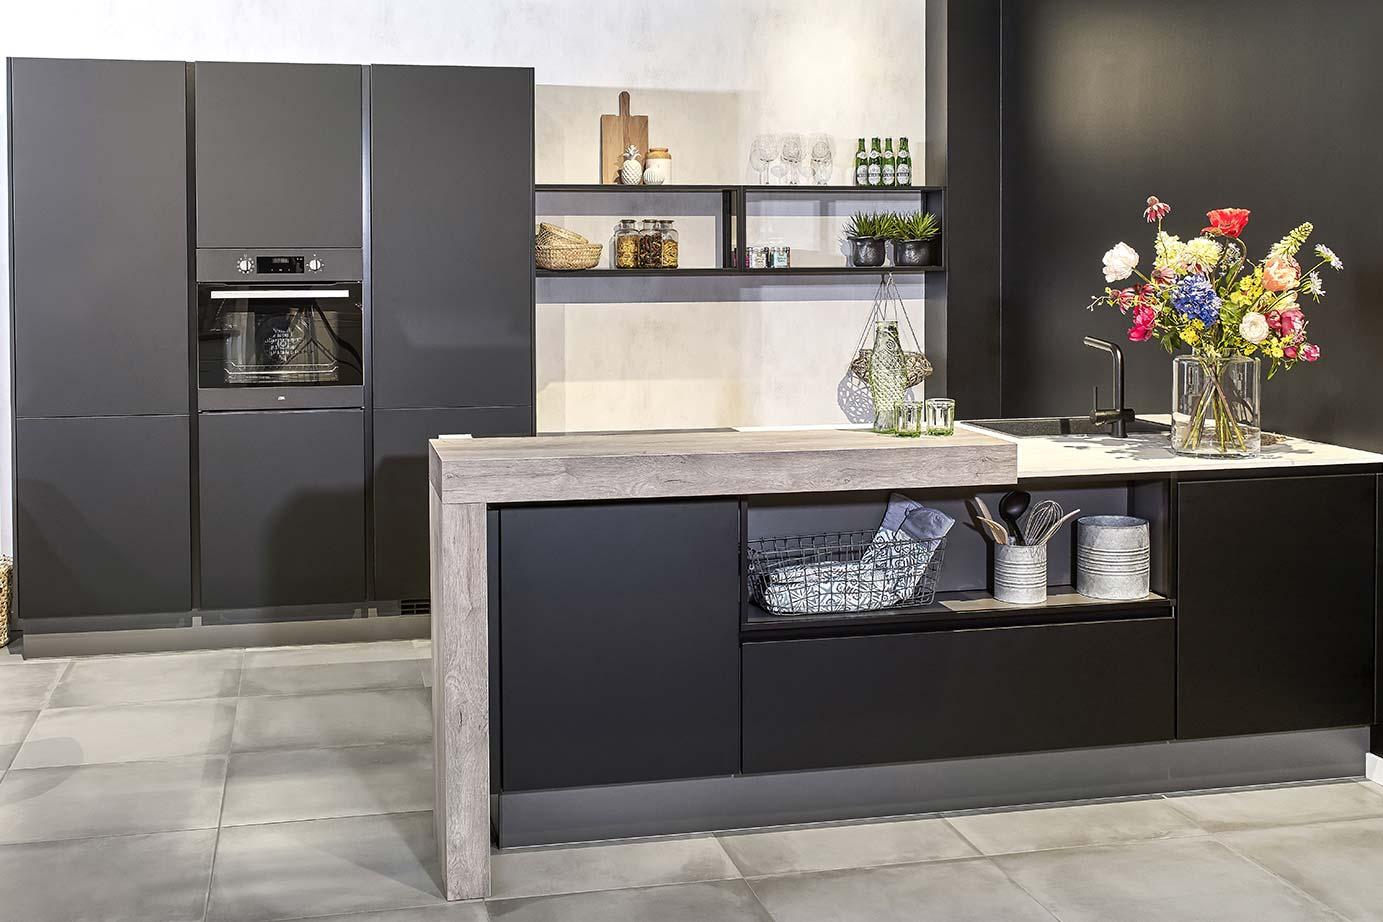 Keuken Zwart Werkblad : keukens. Bekijk vele voorbeelden en laat u inspireren. – DB Keukens